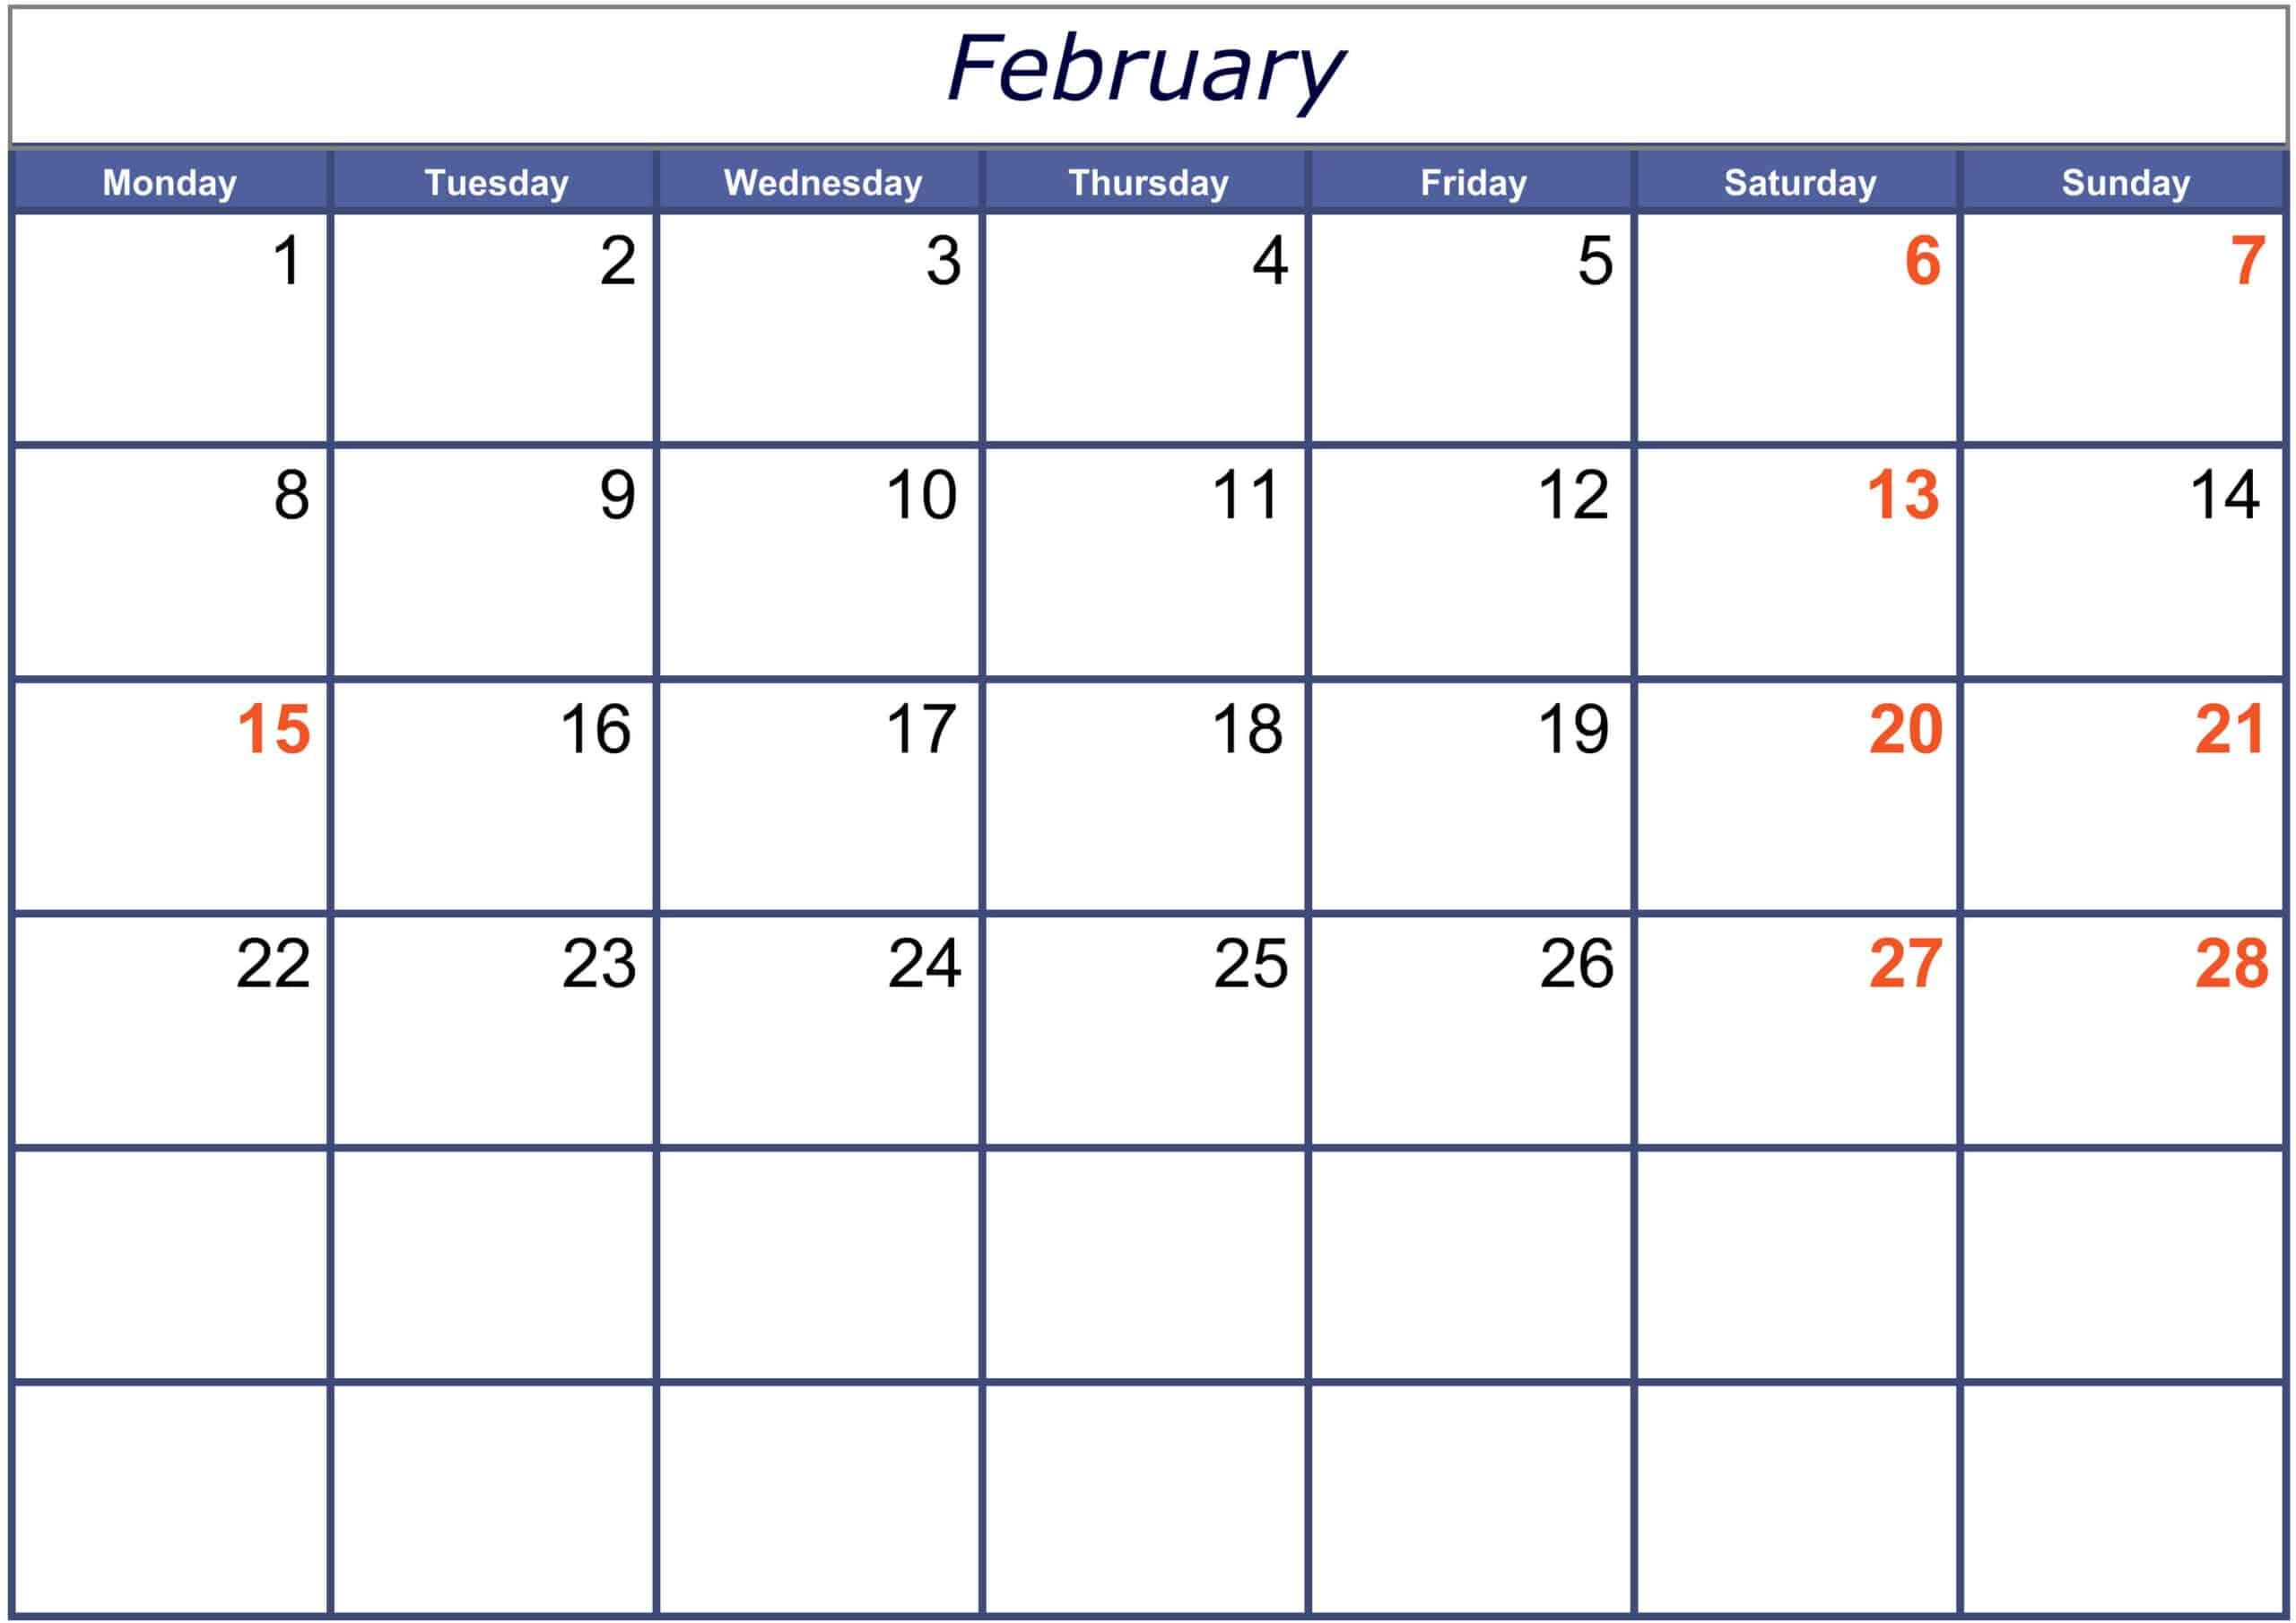 February 2021 Calendar Printable For Kids